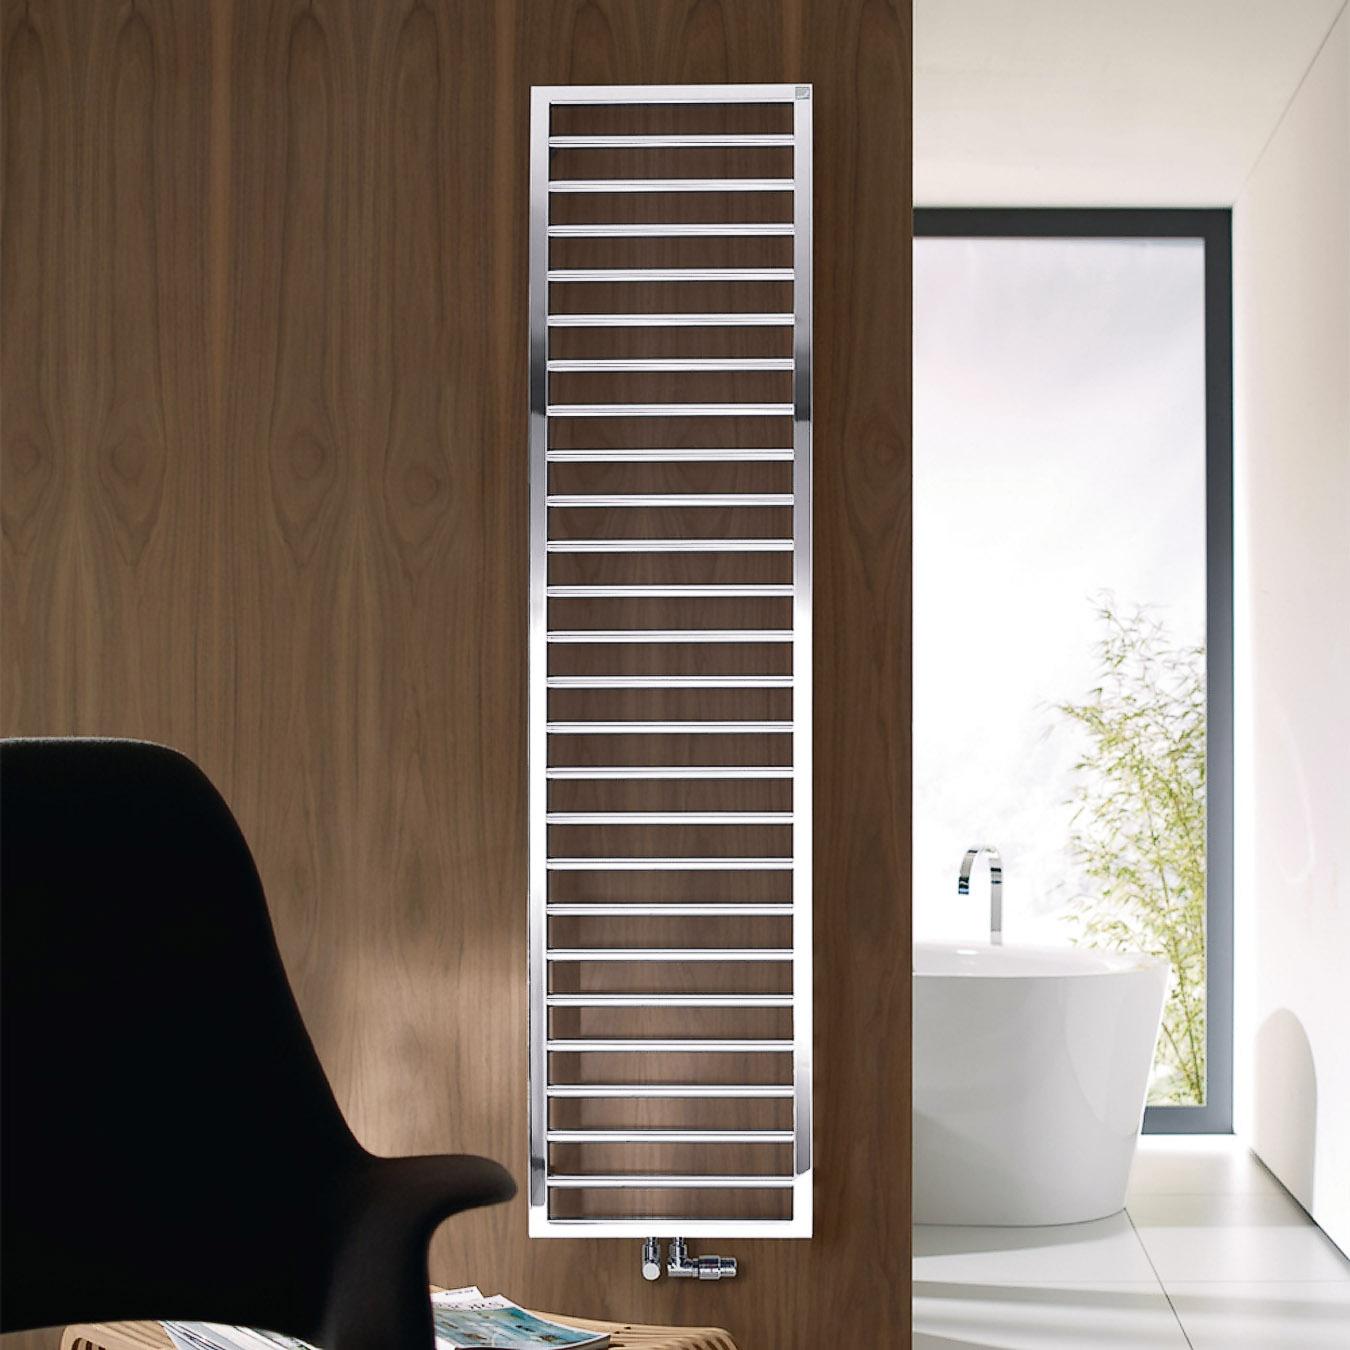 Závěsný radiátor ze série Subwai značky Zehnder, 60 x 183 cm, chrom, kombinovaný typ, akční cena 26 960 Kč, www.koupelny-ptacek.cz